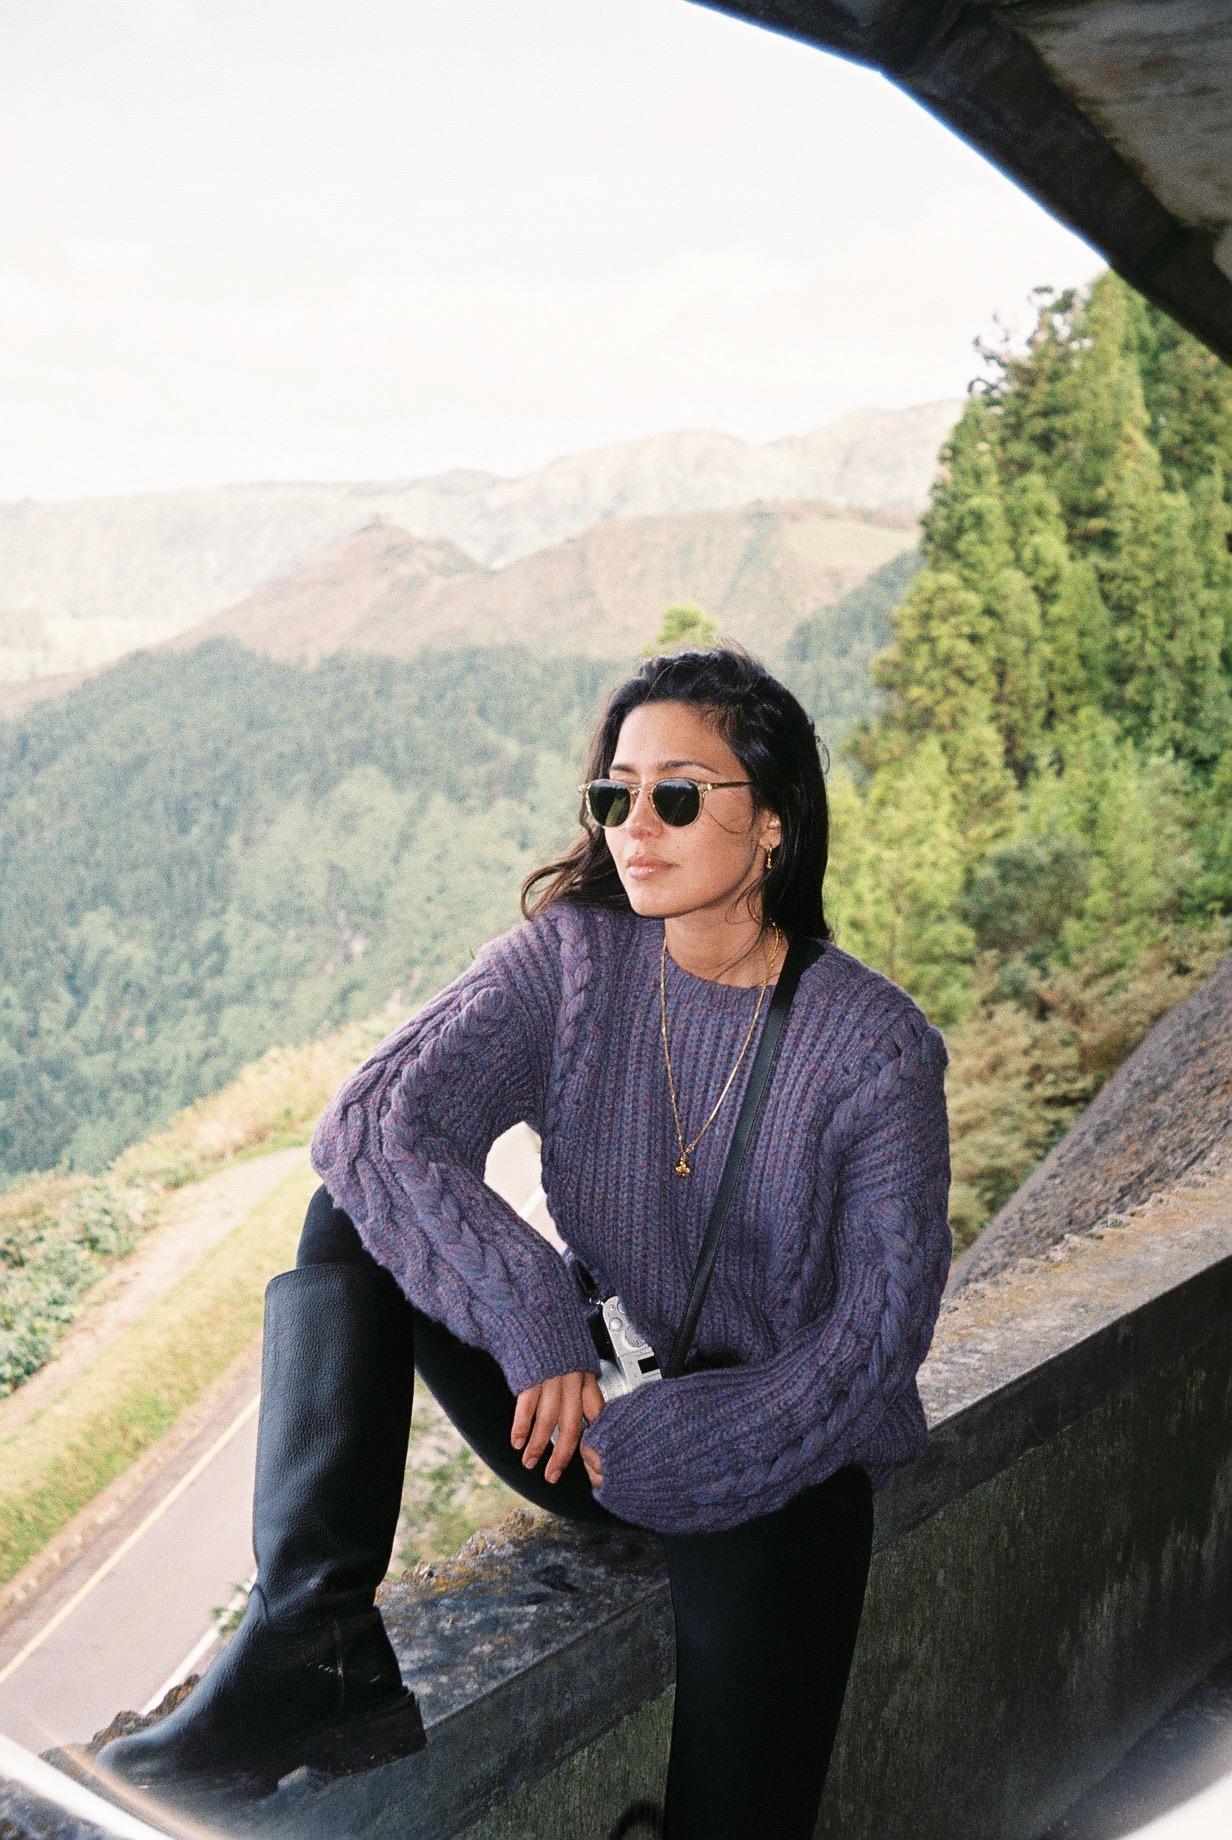 Anita, my friend for over a decade and favourite travel partner.  / Anita, minha amiga há mais de uma década e parceira de viagem favorita.